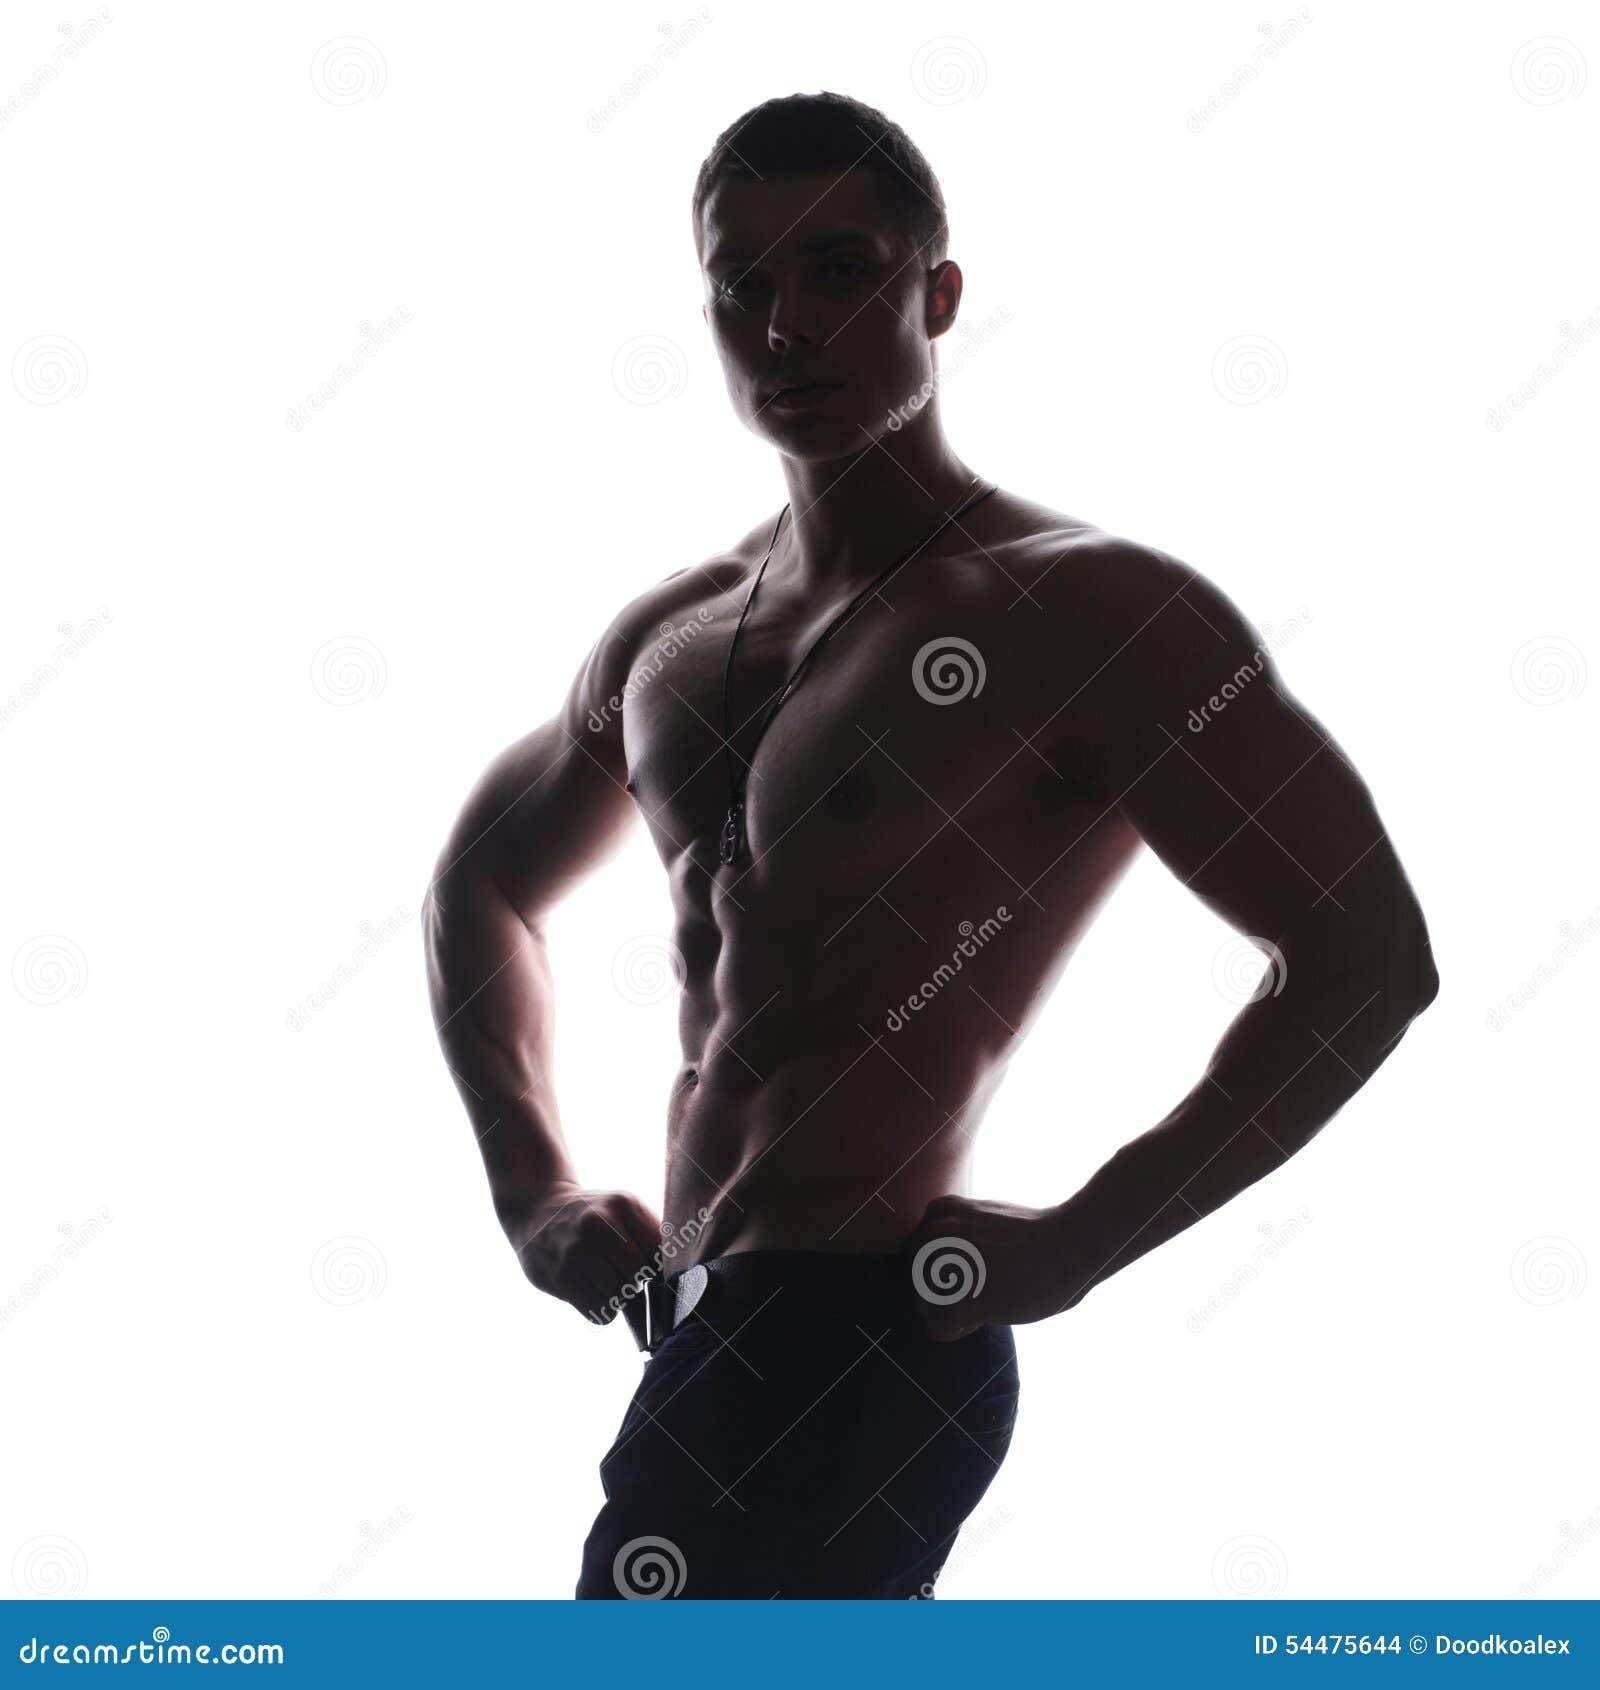 Silhouette Of Athlete Bodybuilder Man